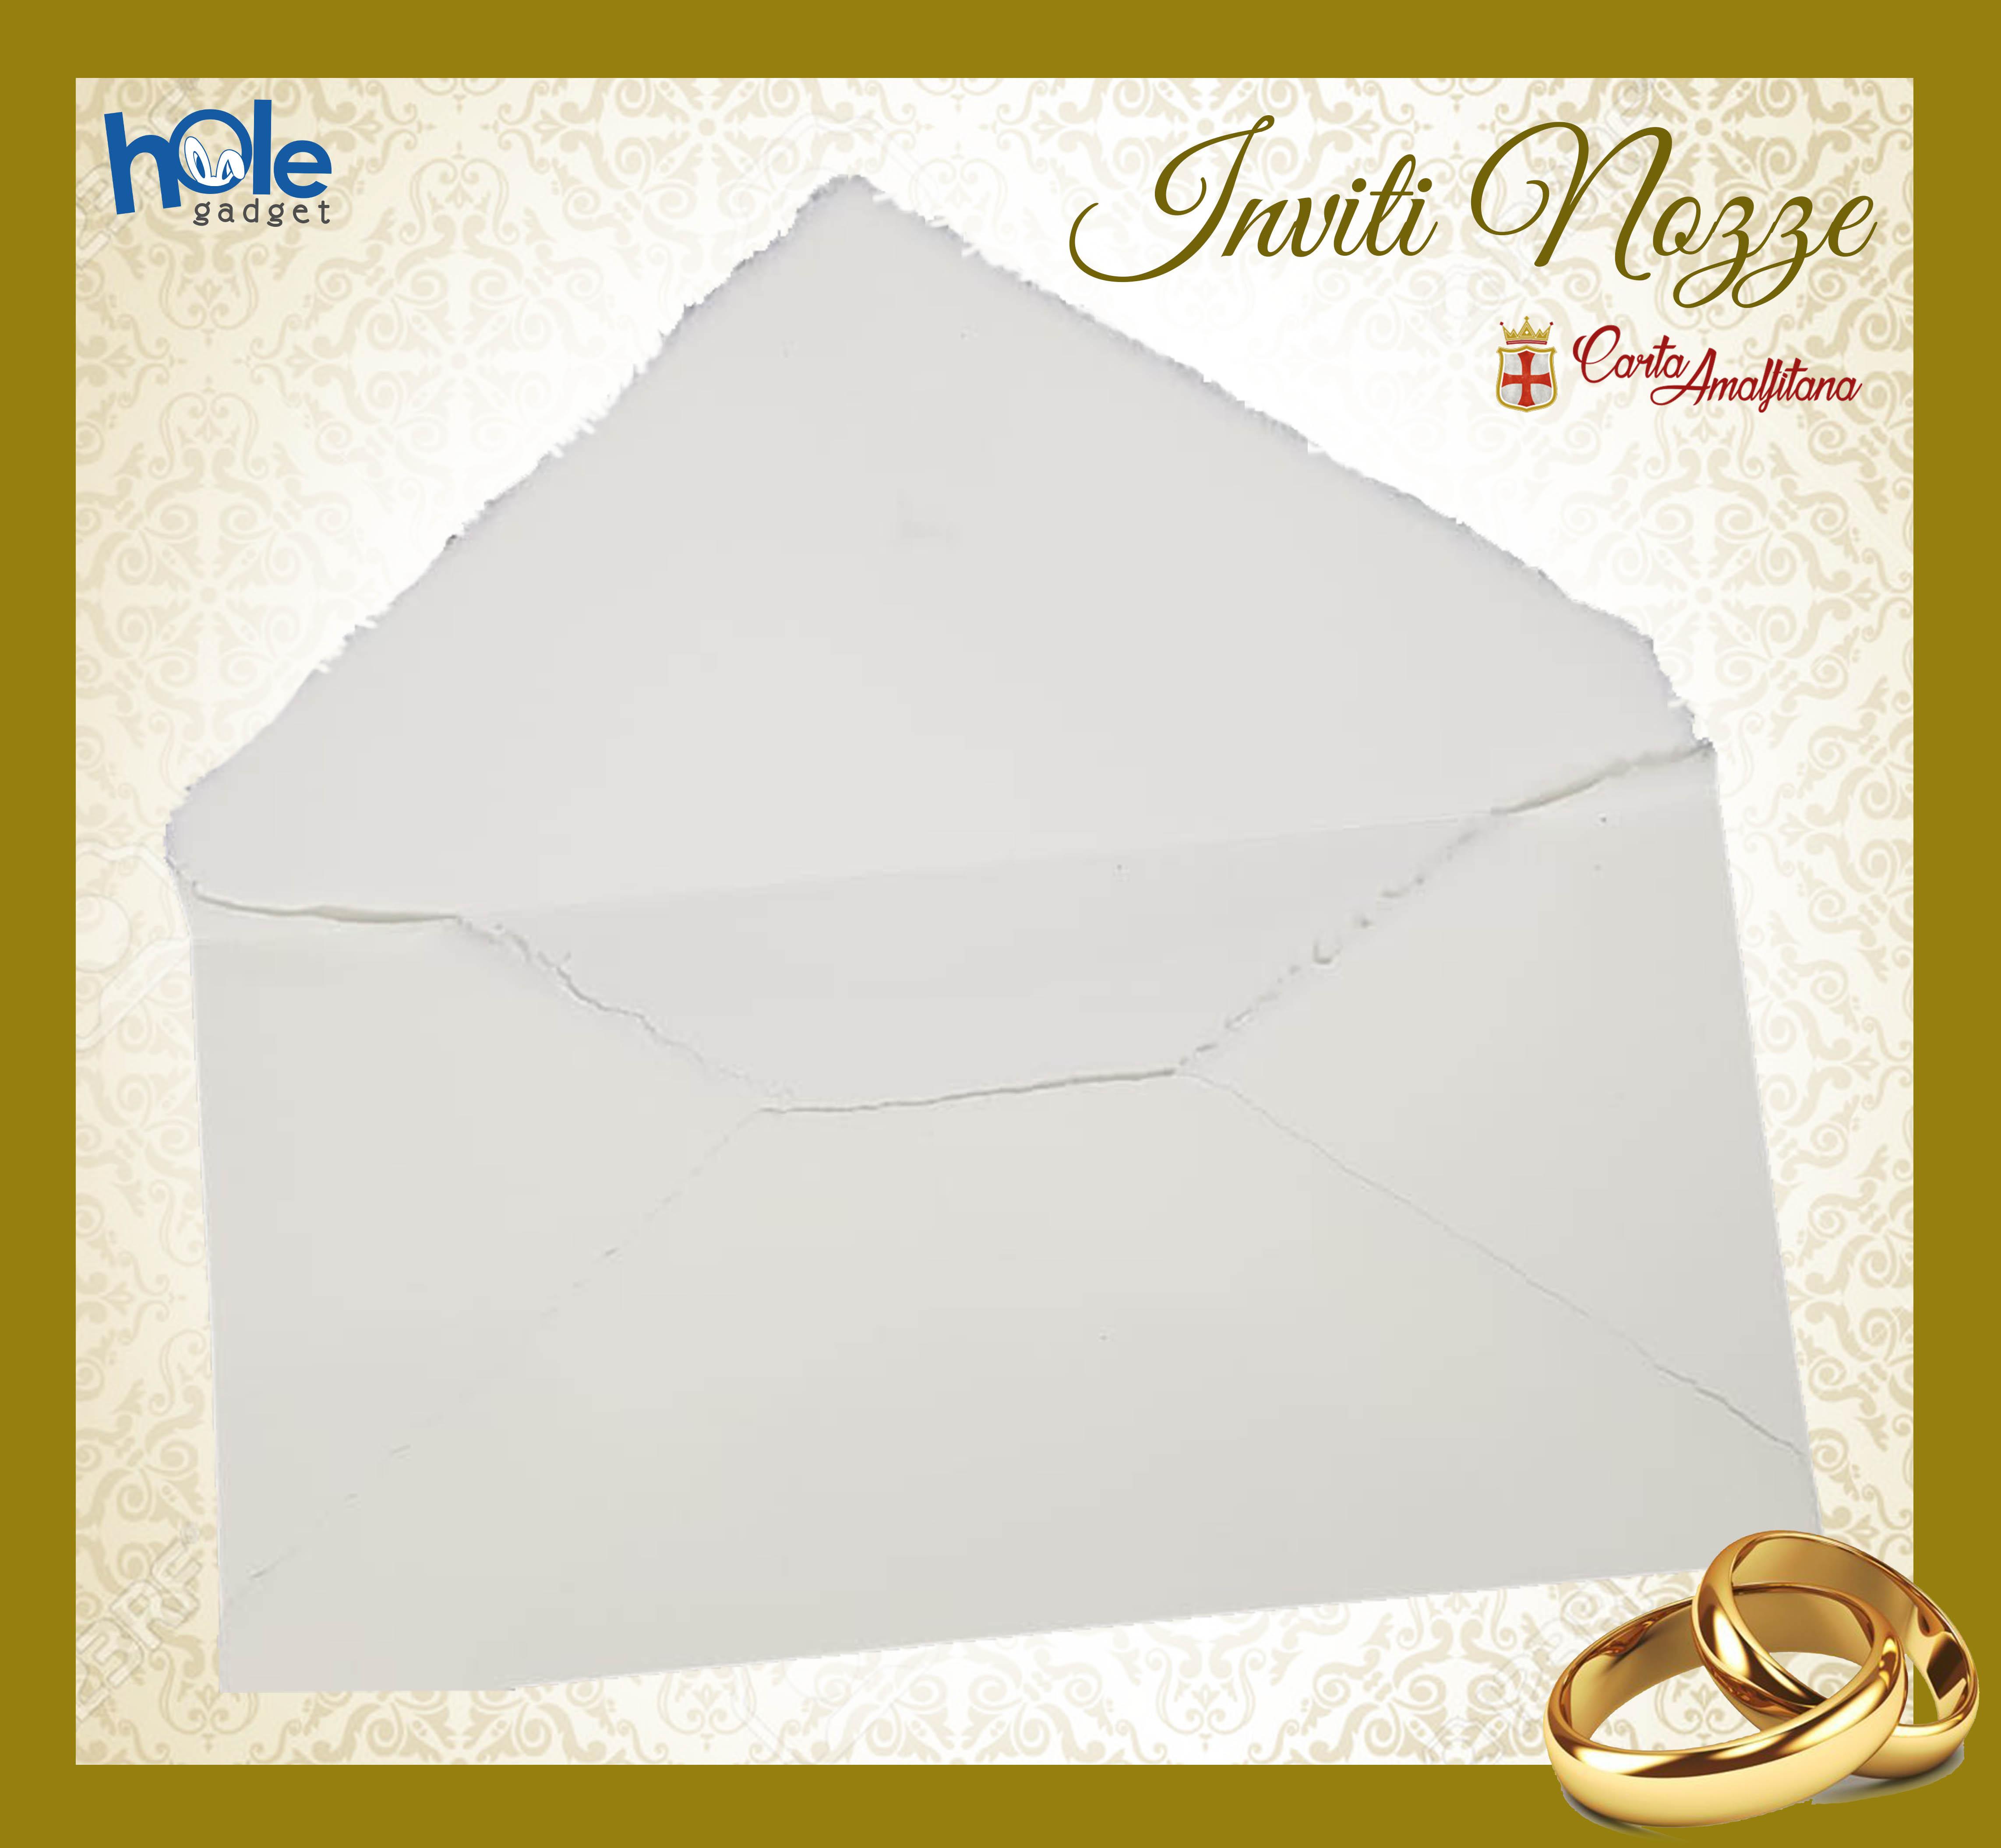 Carta Per Partecipazioni Matrimonio.Partecipazioni Inviti Per Matrimonio Online Biglietti Invito Nozze